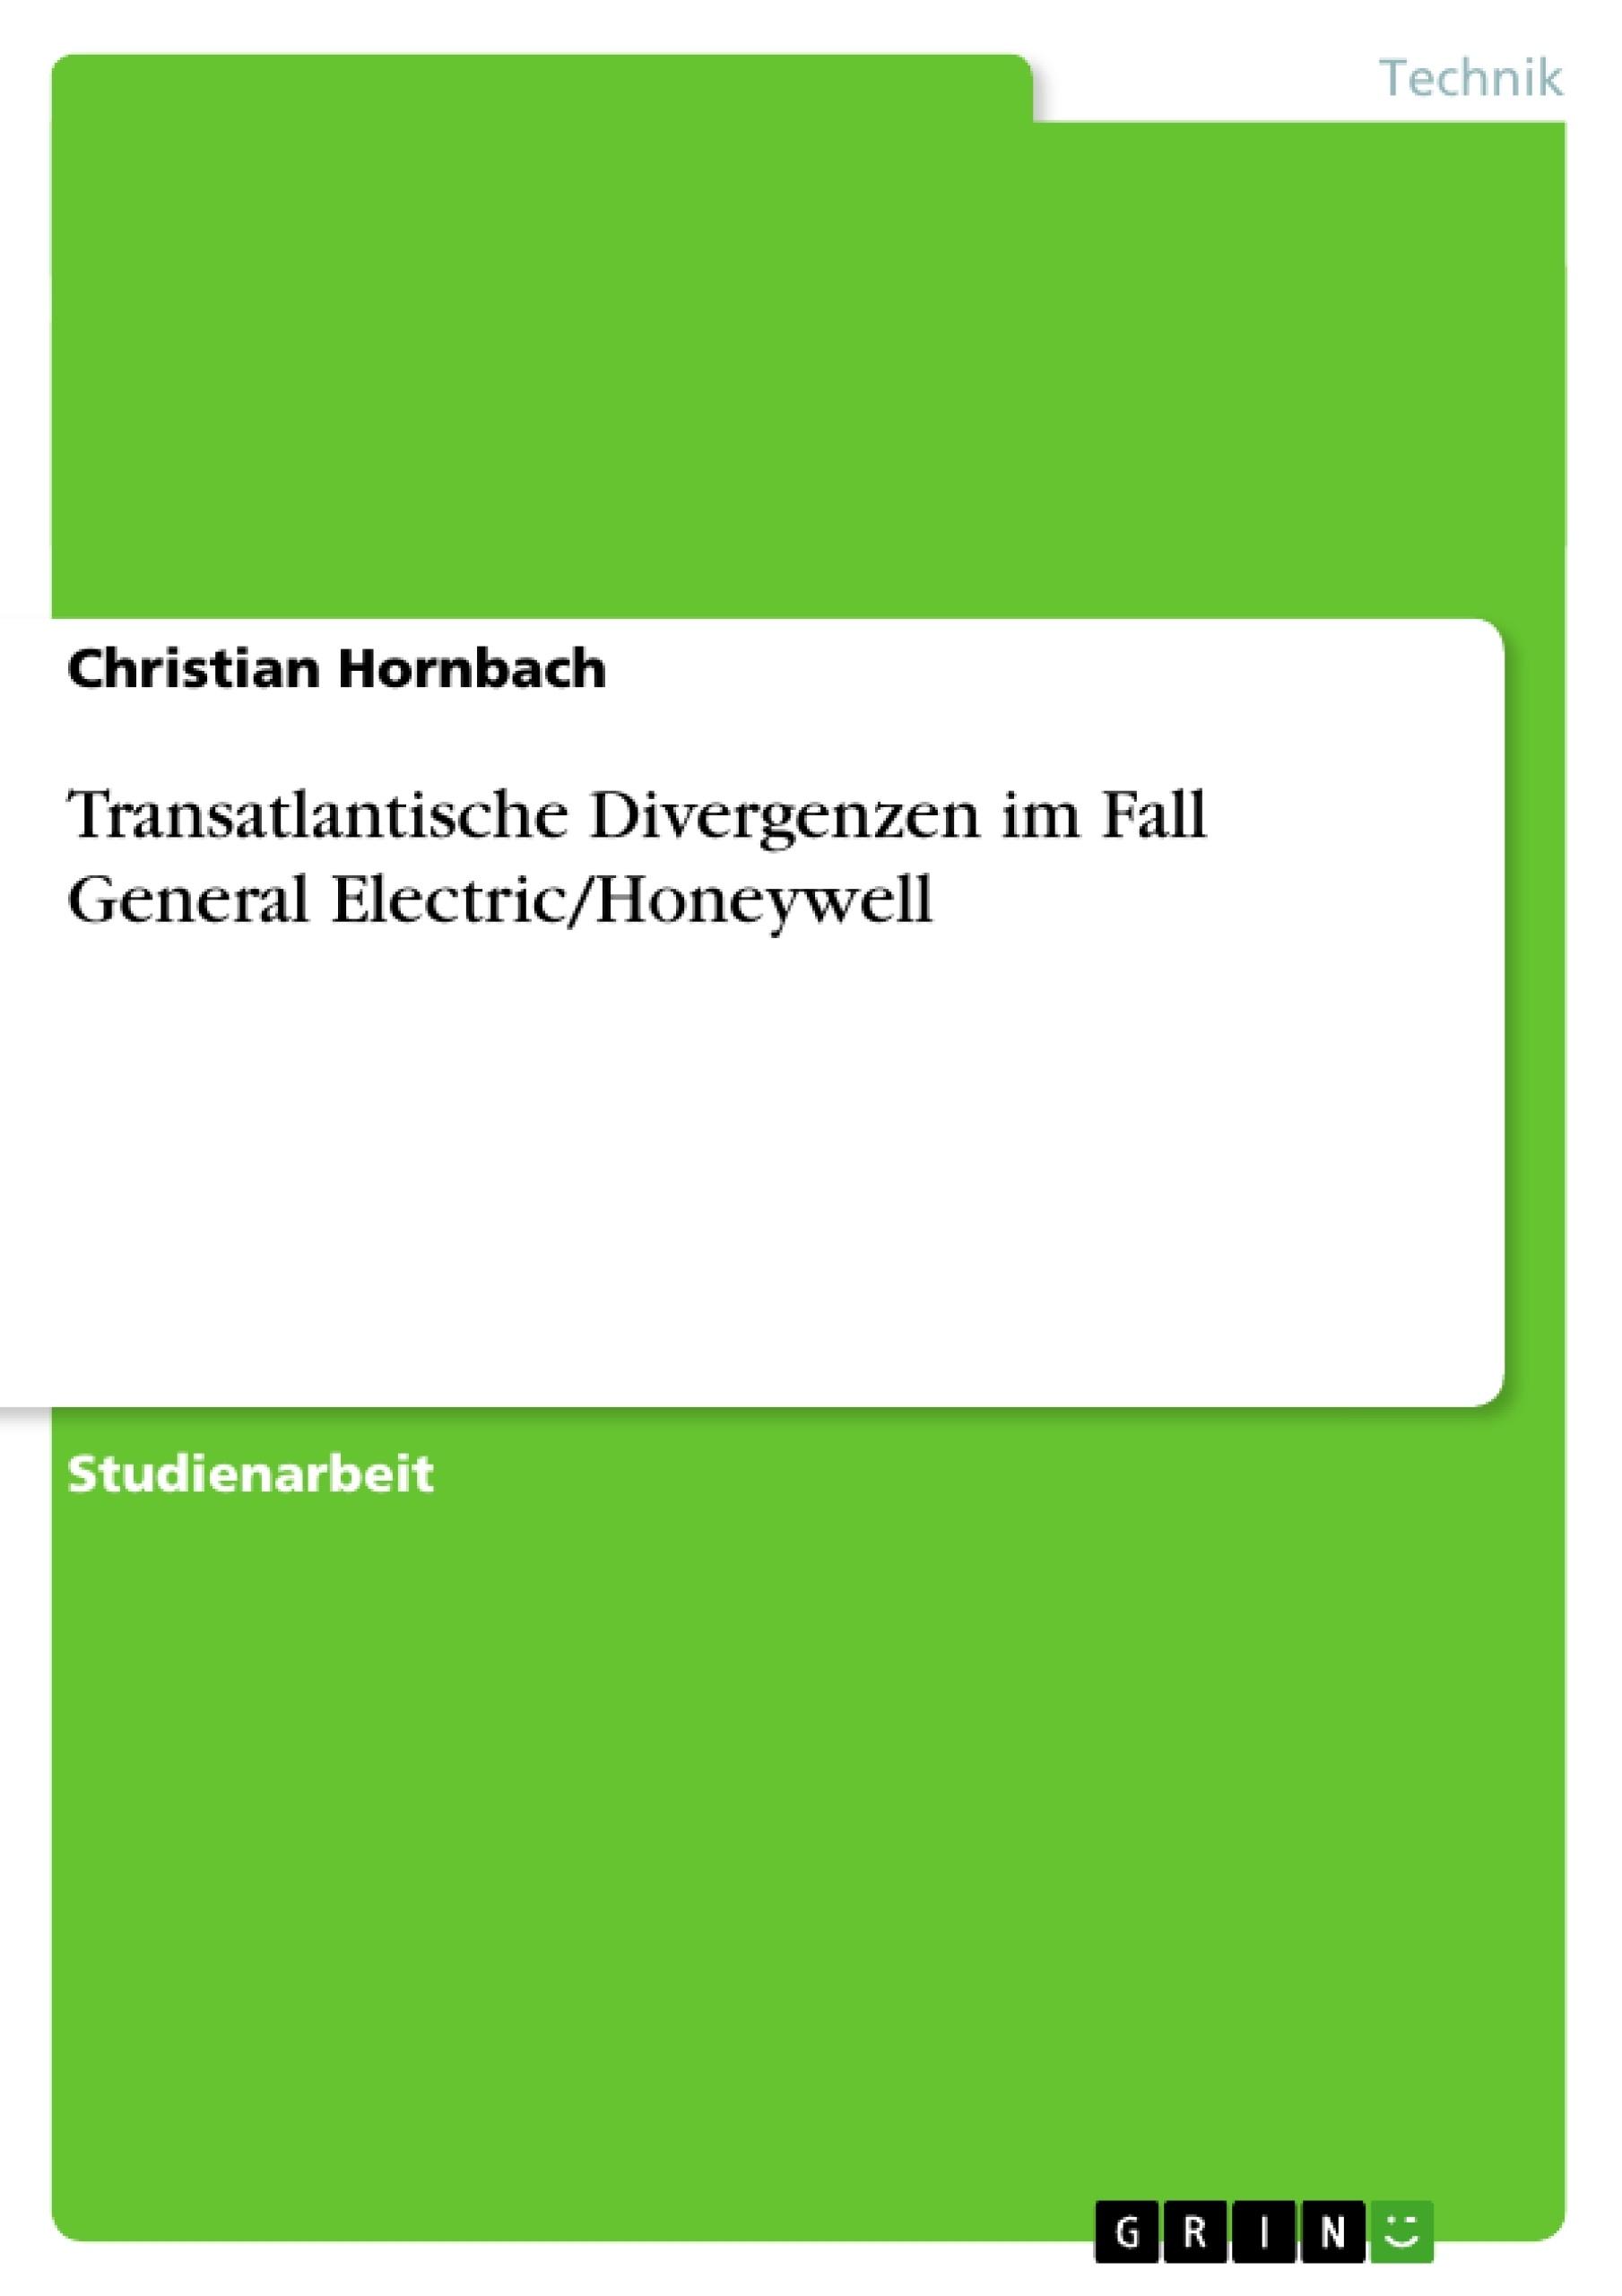 Titel: Transatlantische Divergenzen im Fall General Electric/Honeywell